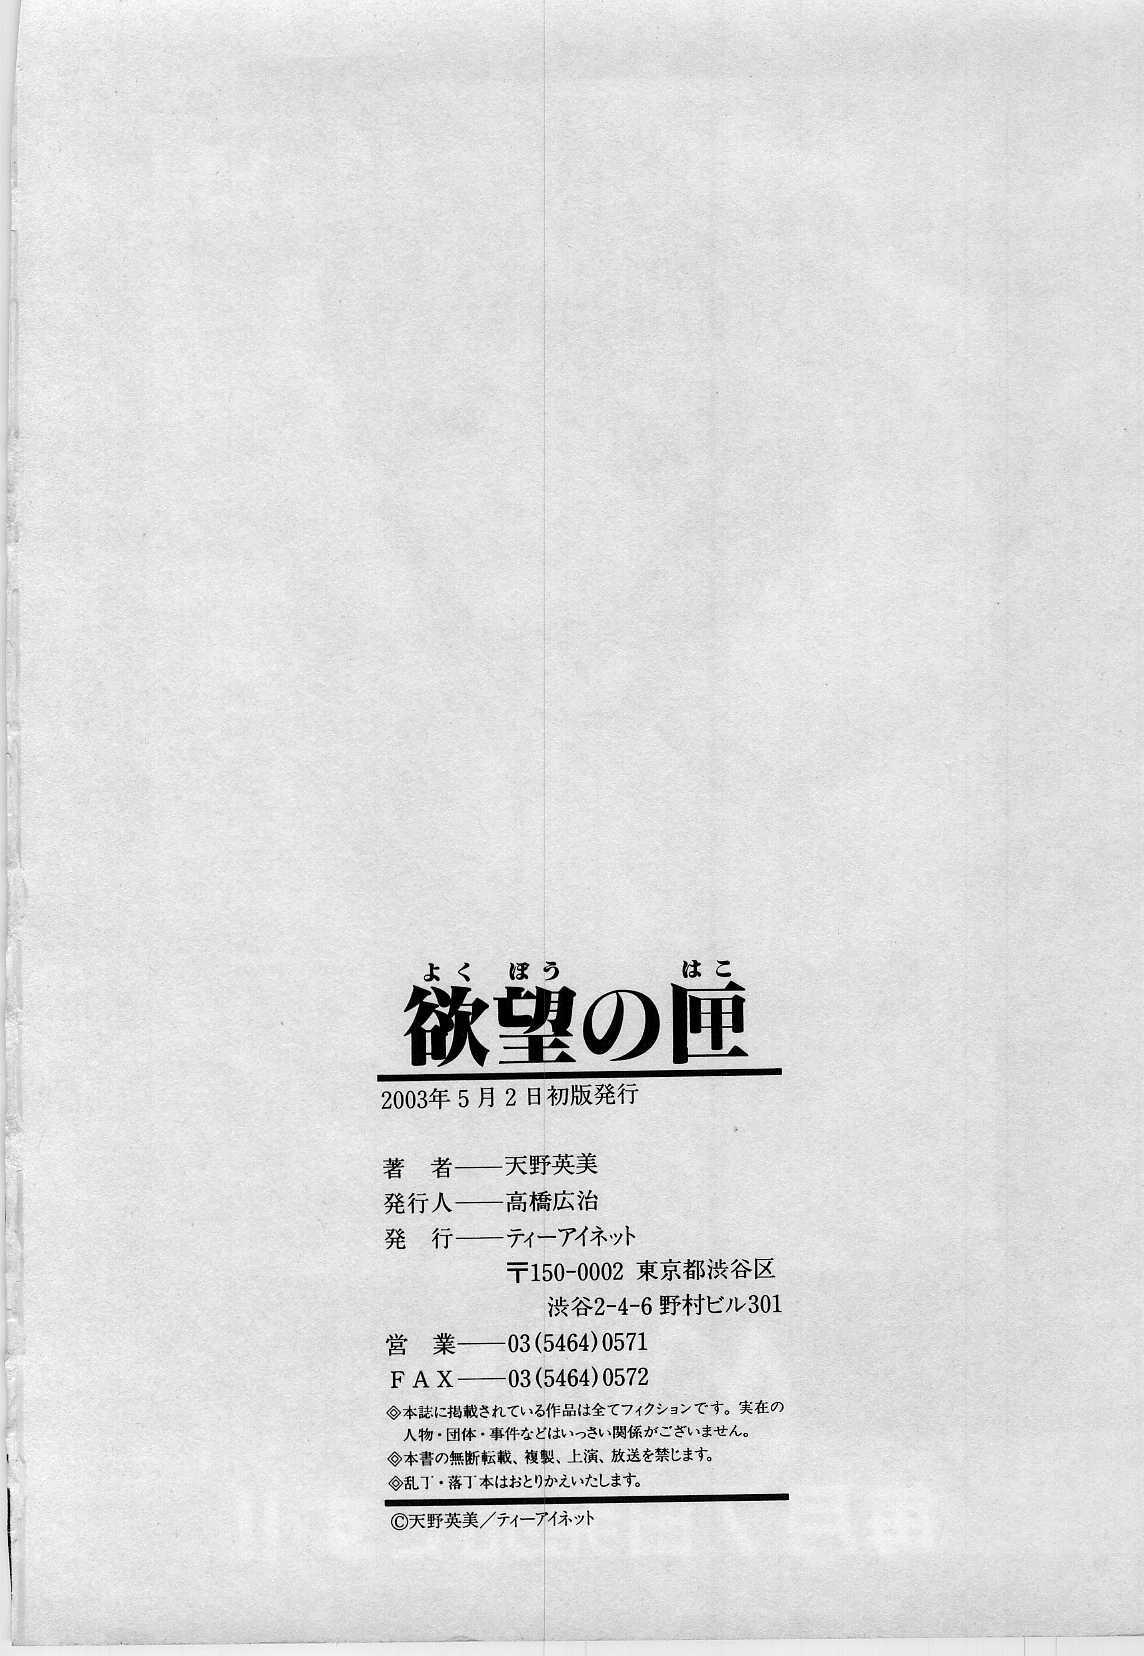 Yokubou no Hako - The Box of the Desire 193